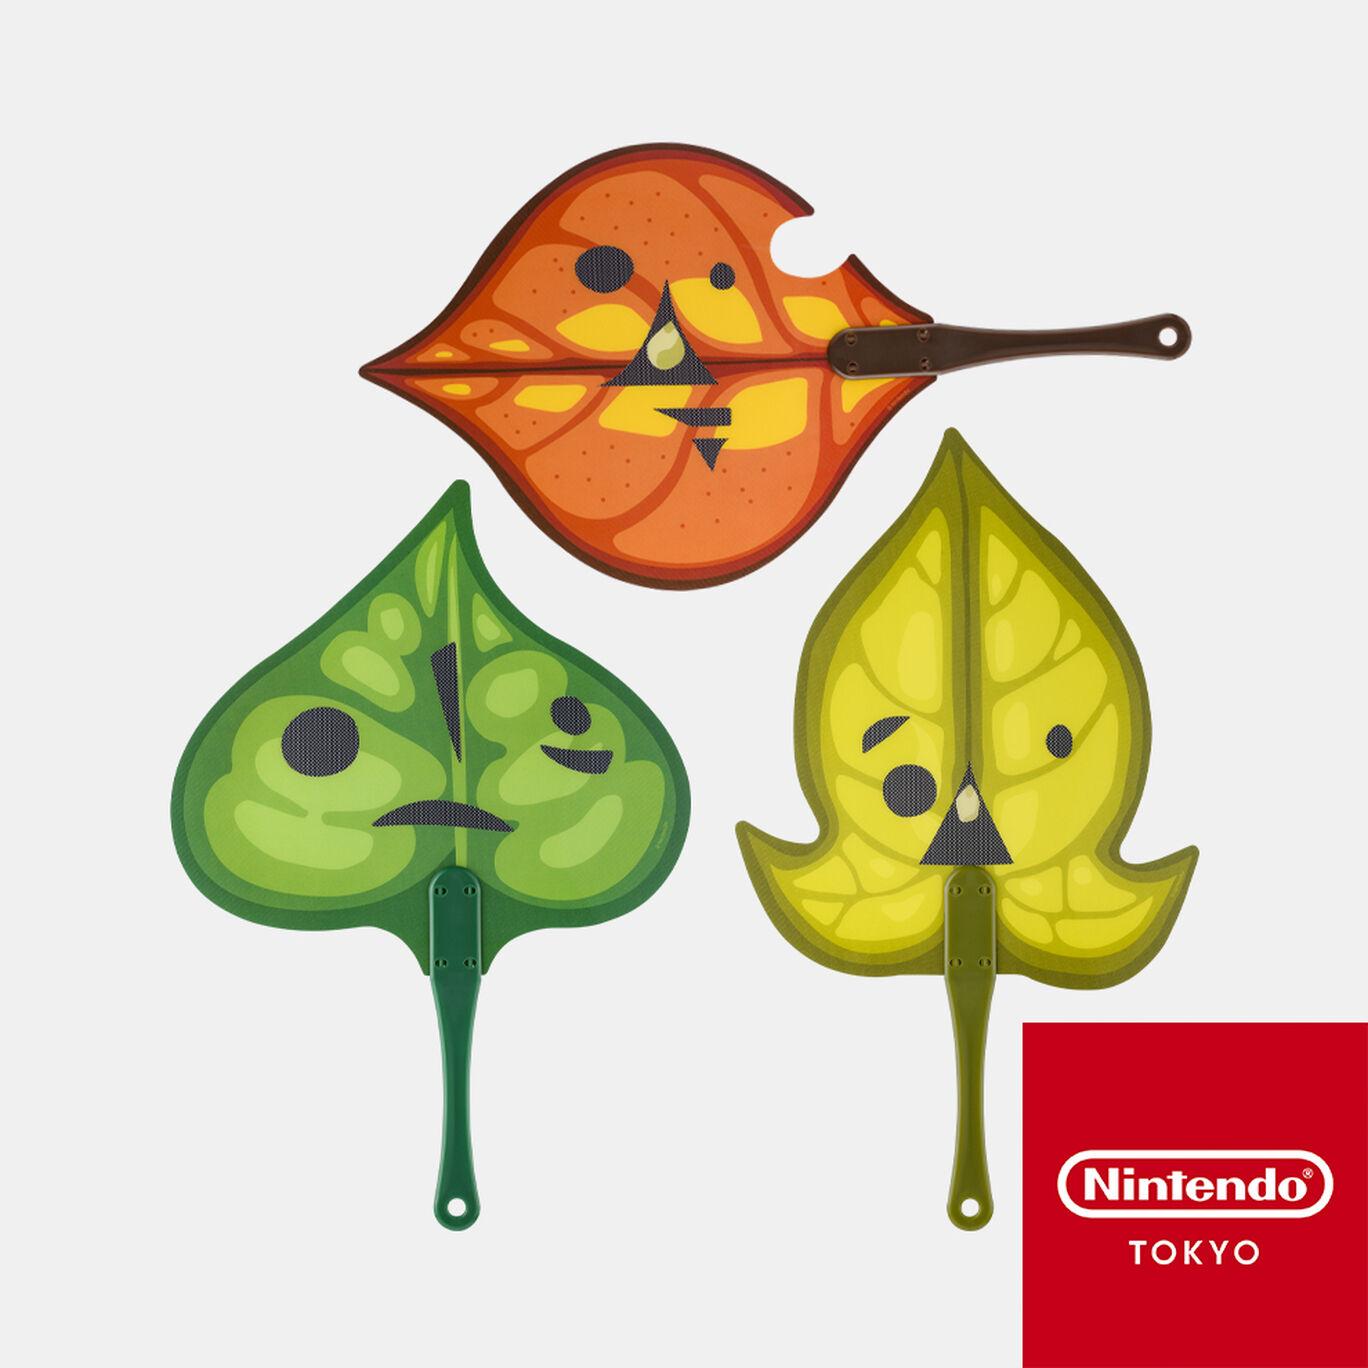 【新商品】コログ うちわセット ゼルダの伝説【Nintendo TOKYO取り扱い商品】